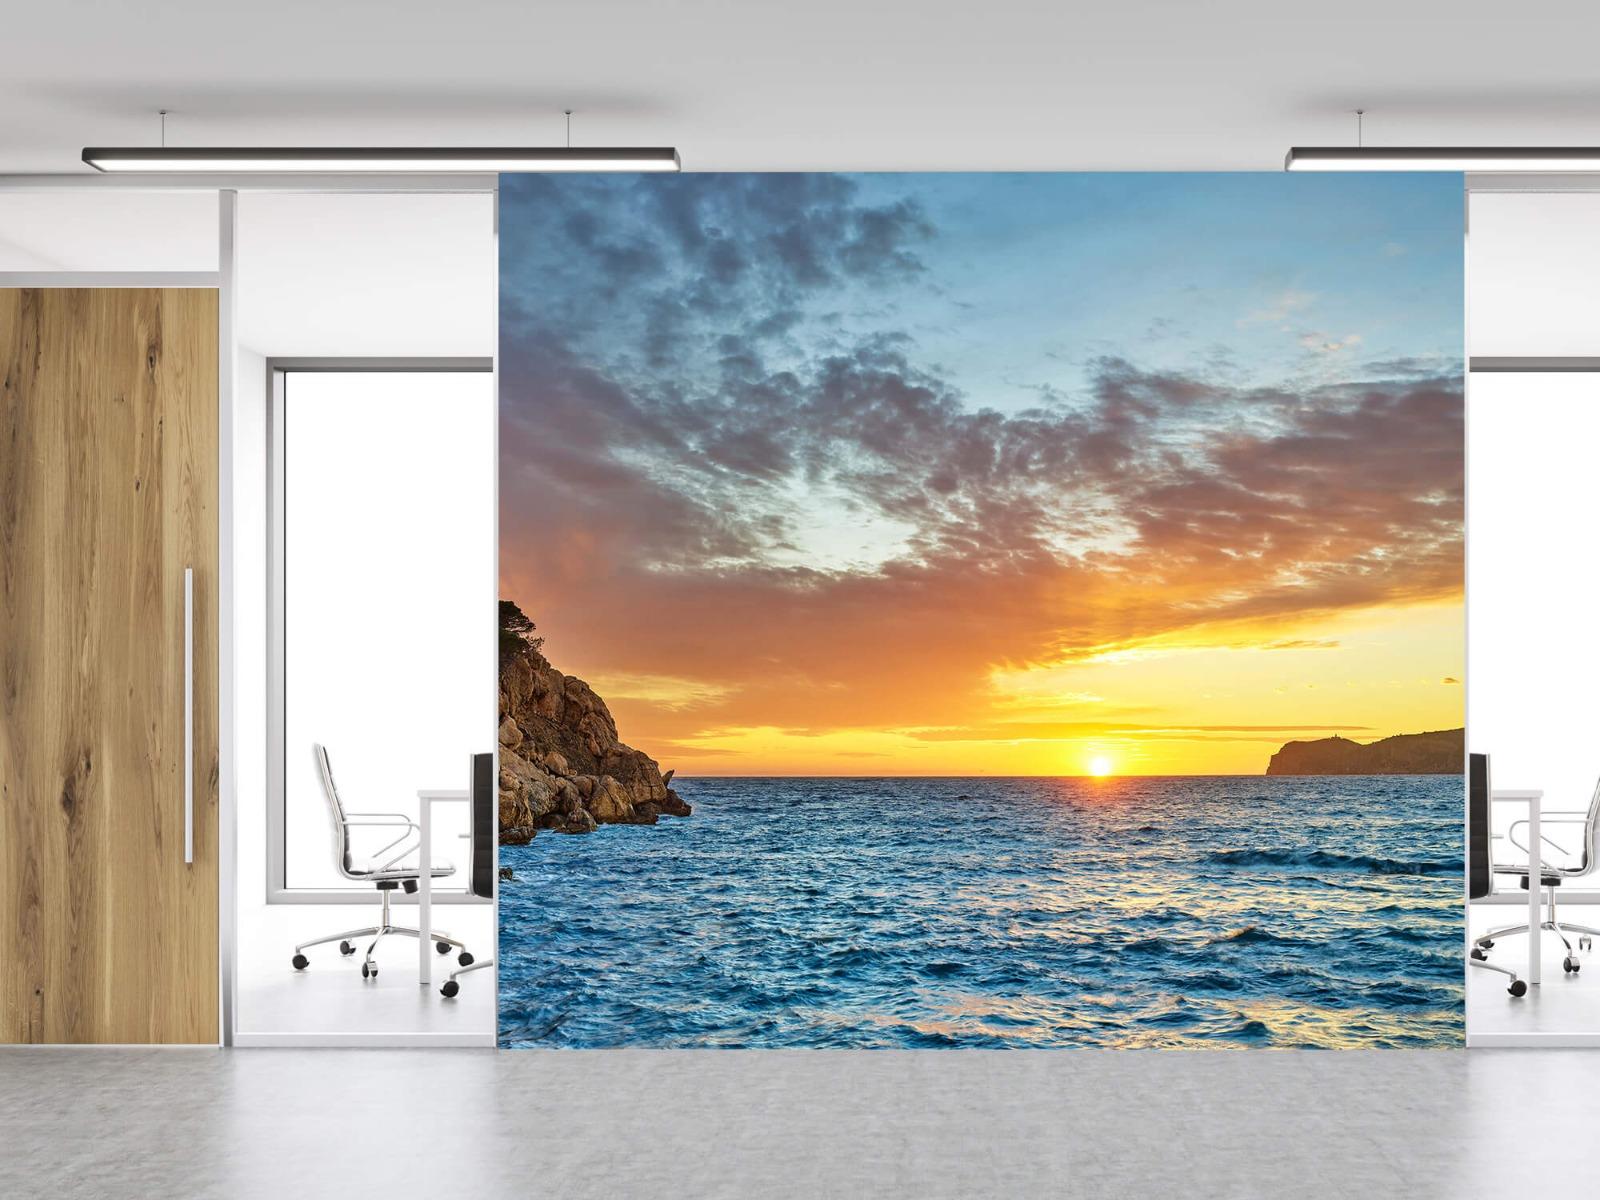 Zon - Zonsondergang op een eiland - Slaapkamer 11